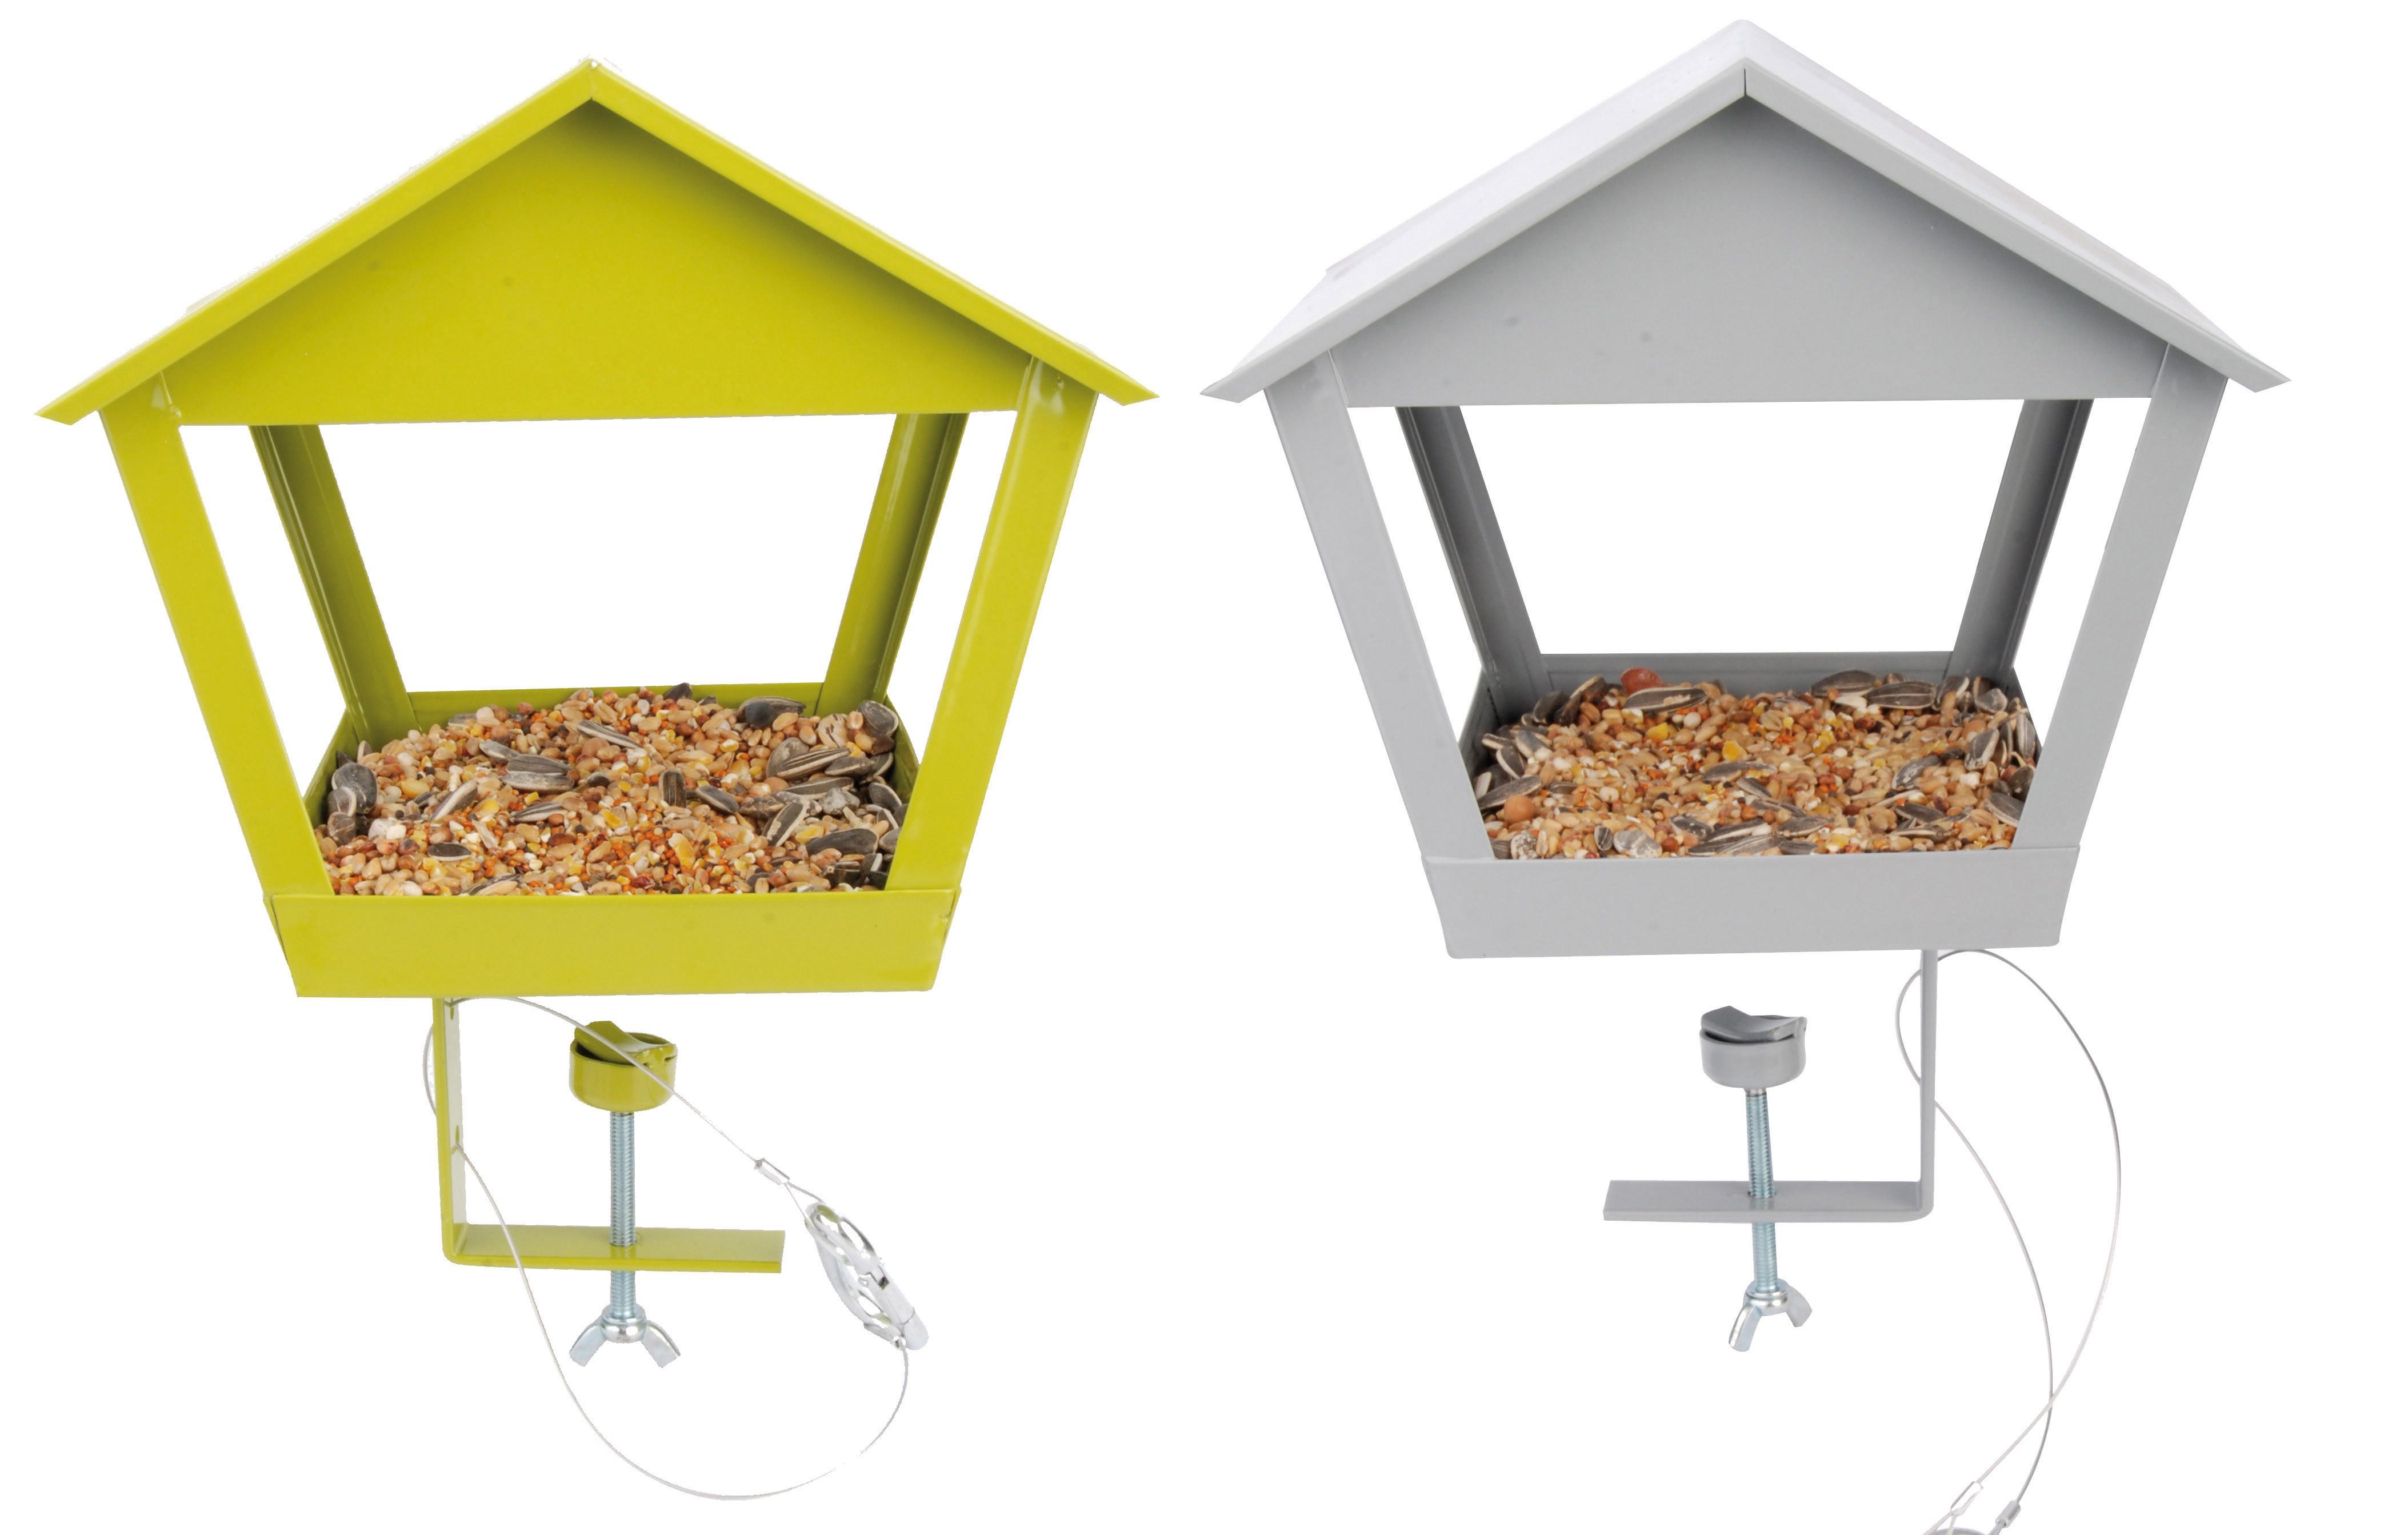 Balkonowy Karmnik Dla Ptaków Cena 7900 Zł Sklep